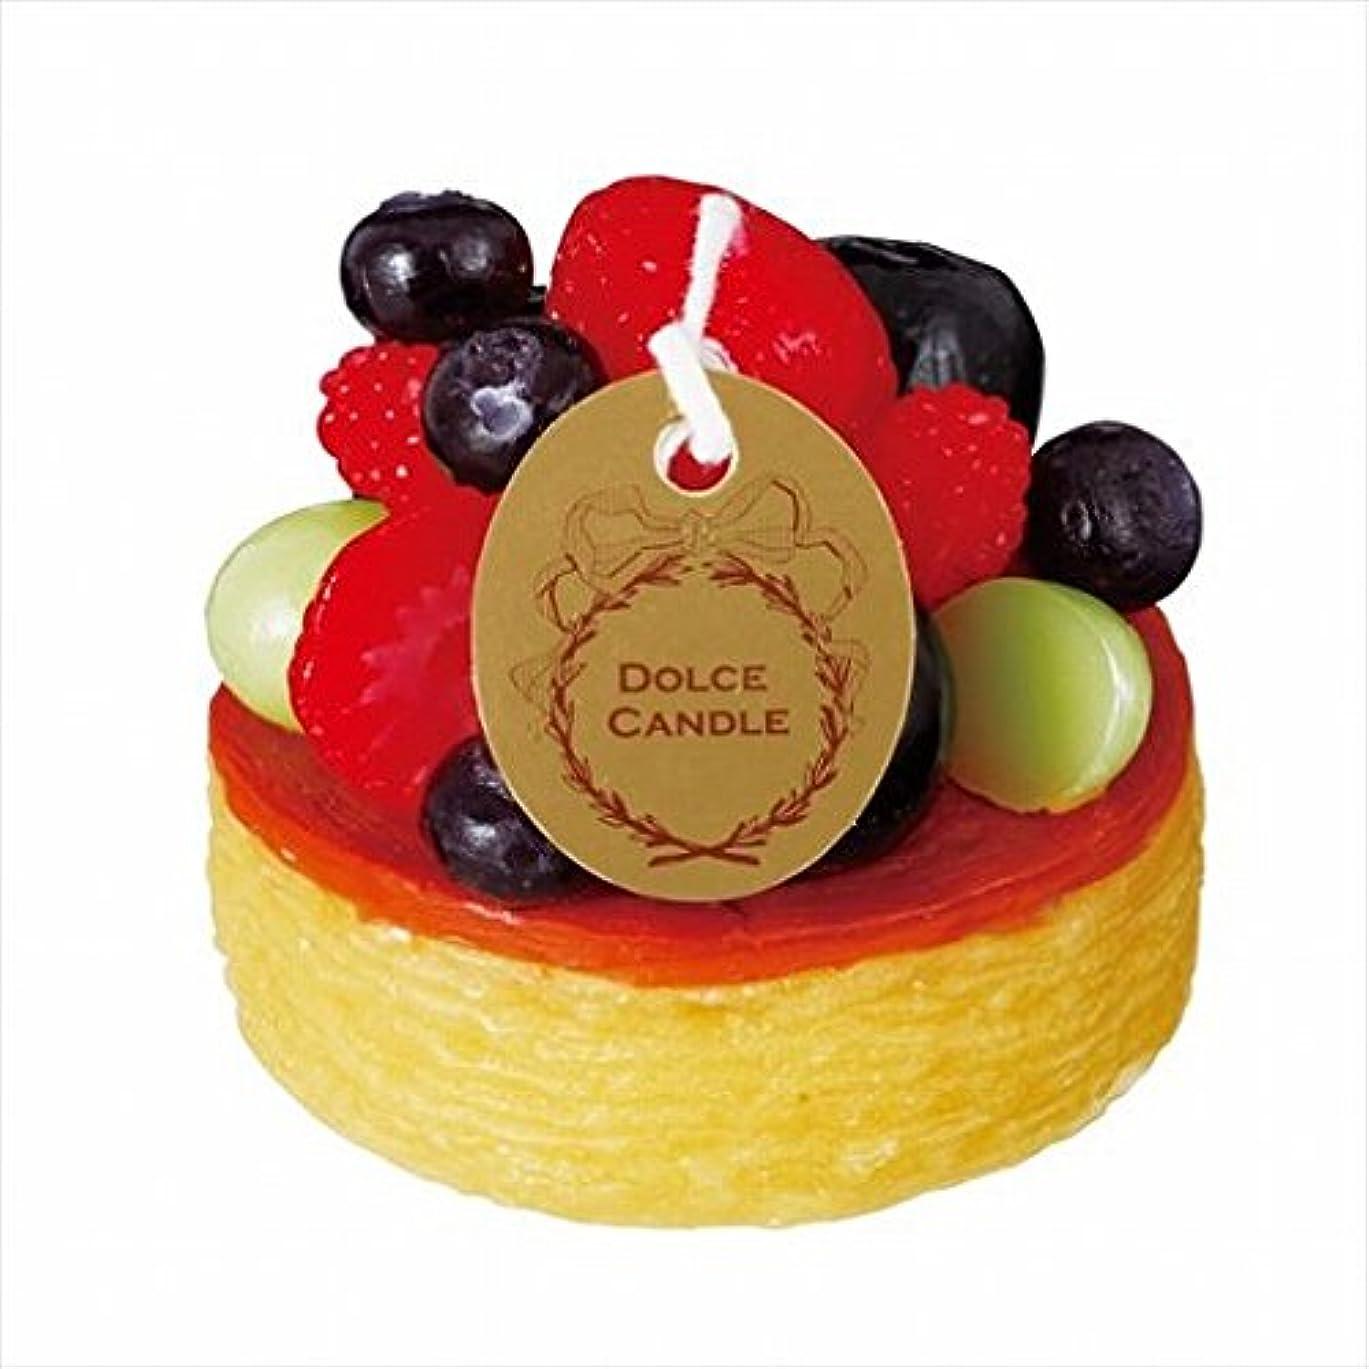 トーク呼びかけるミュージカルスイーツキャンドル( sweets candle ) ドルチェキャンドル 「 フルーツタルト 」